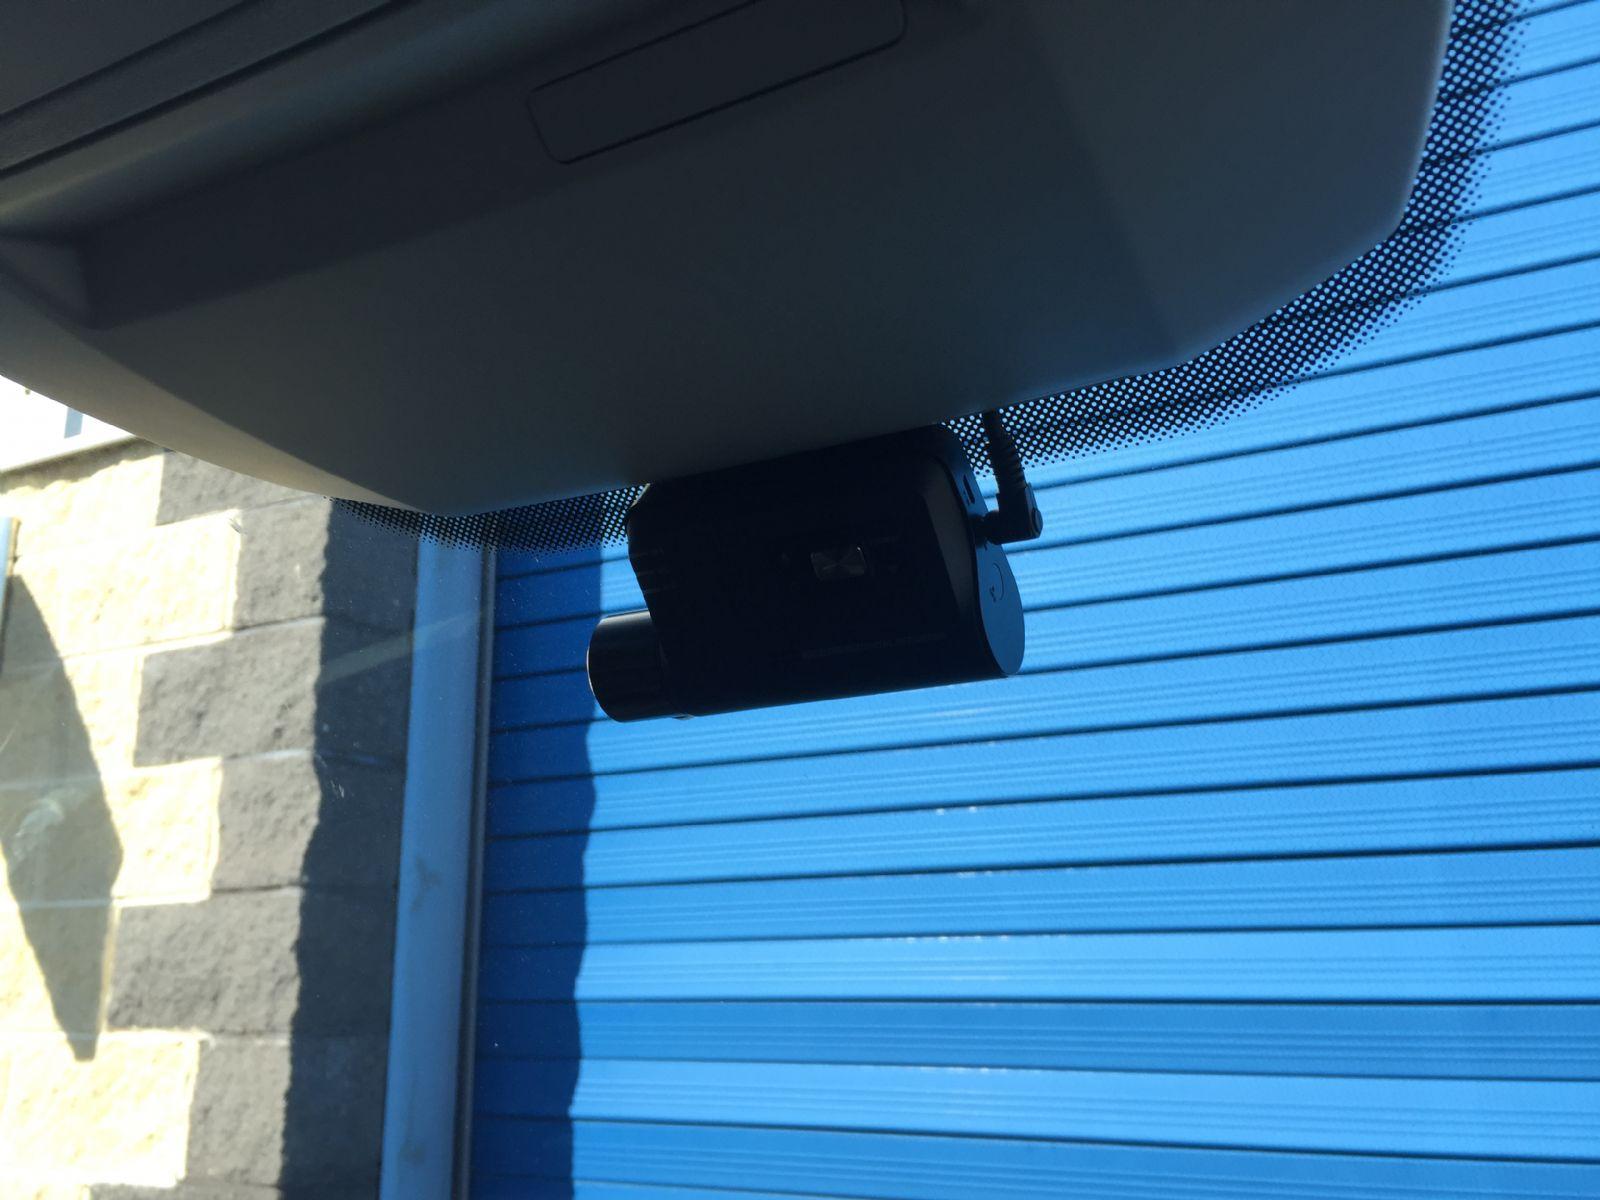 Neat Dash Cam install in this new Volkswagen Crafter van